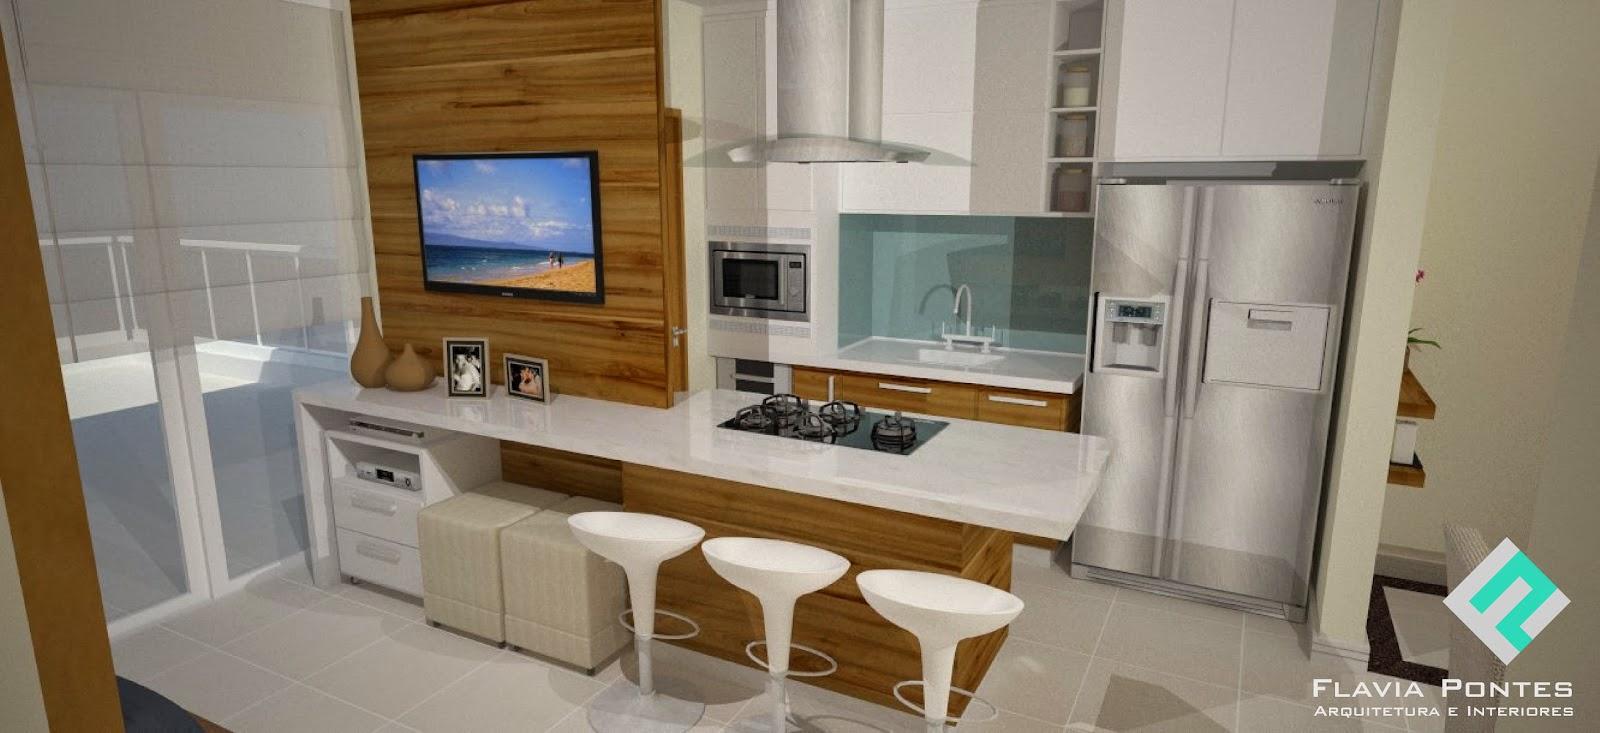 Flavia Pontes Arquitetura 2014 -> Sala De Estar Pequena Dois Ambientes